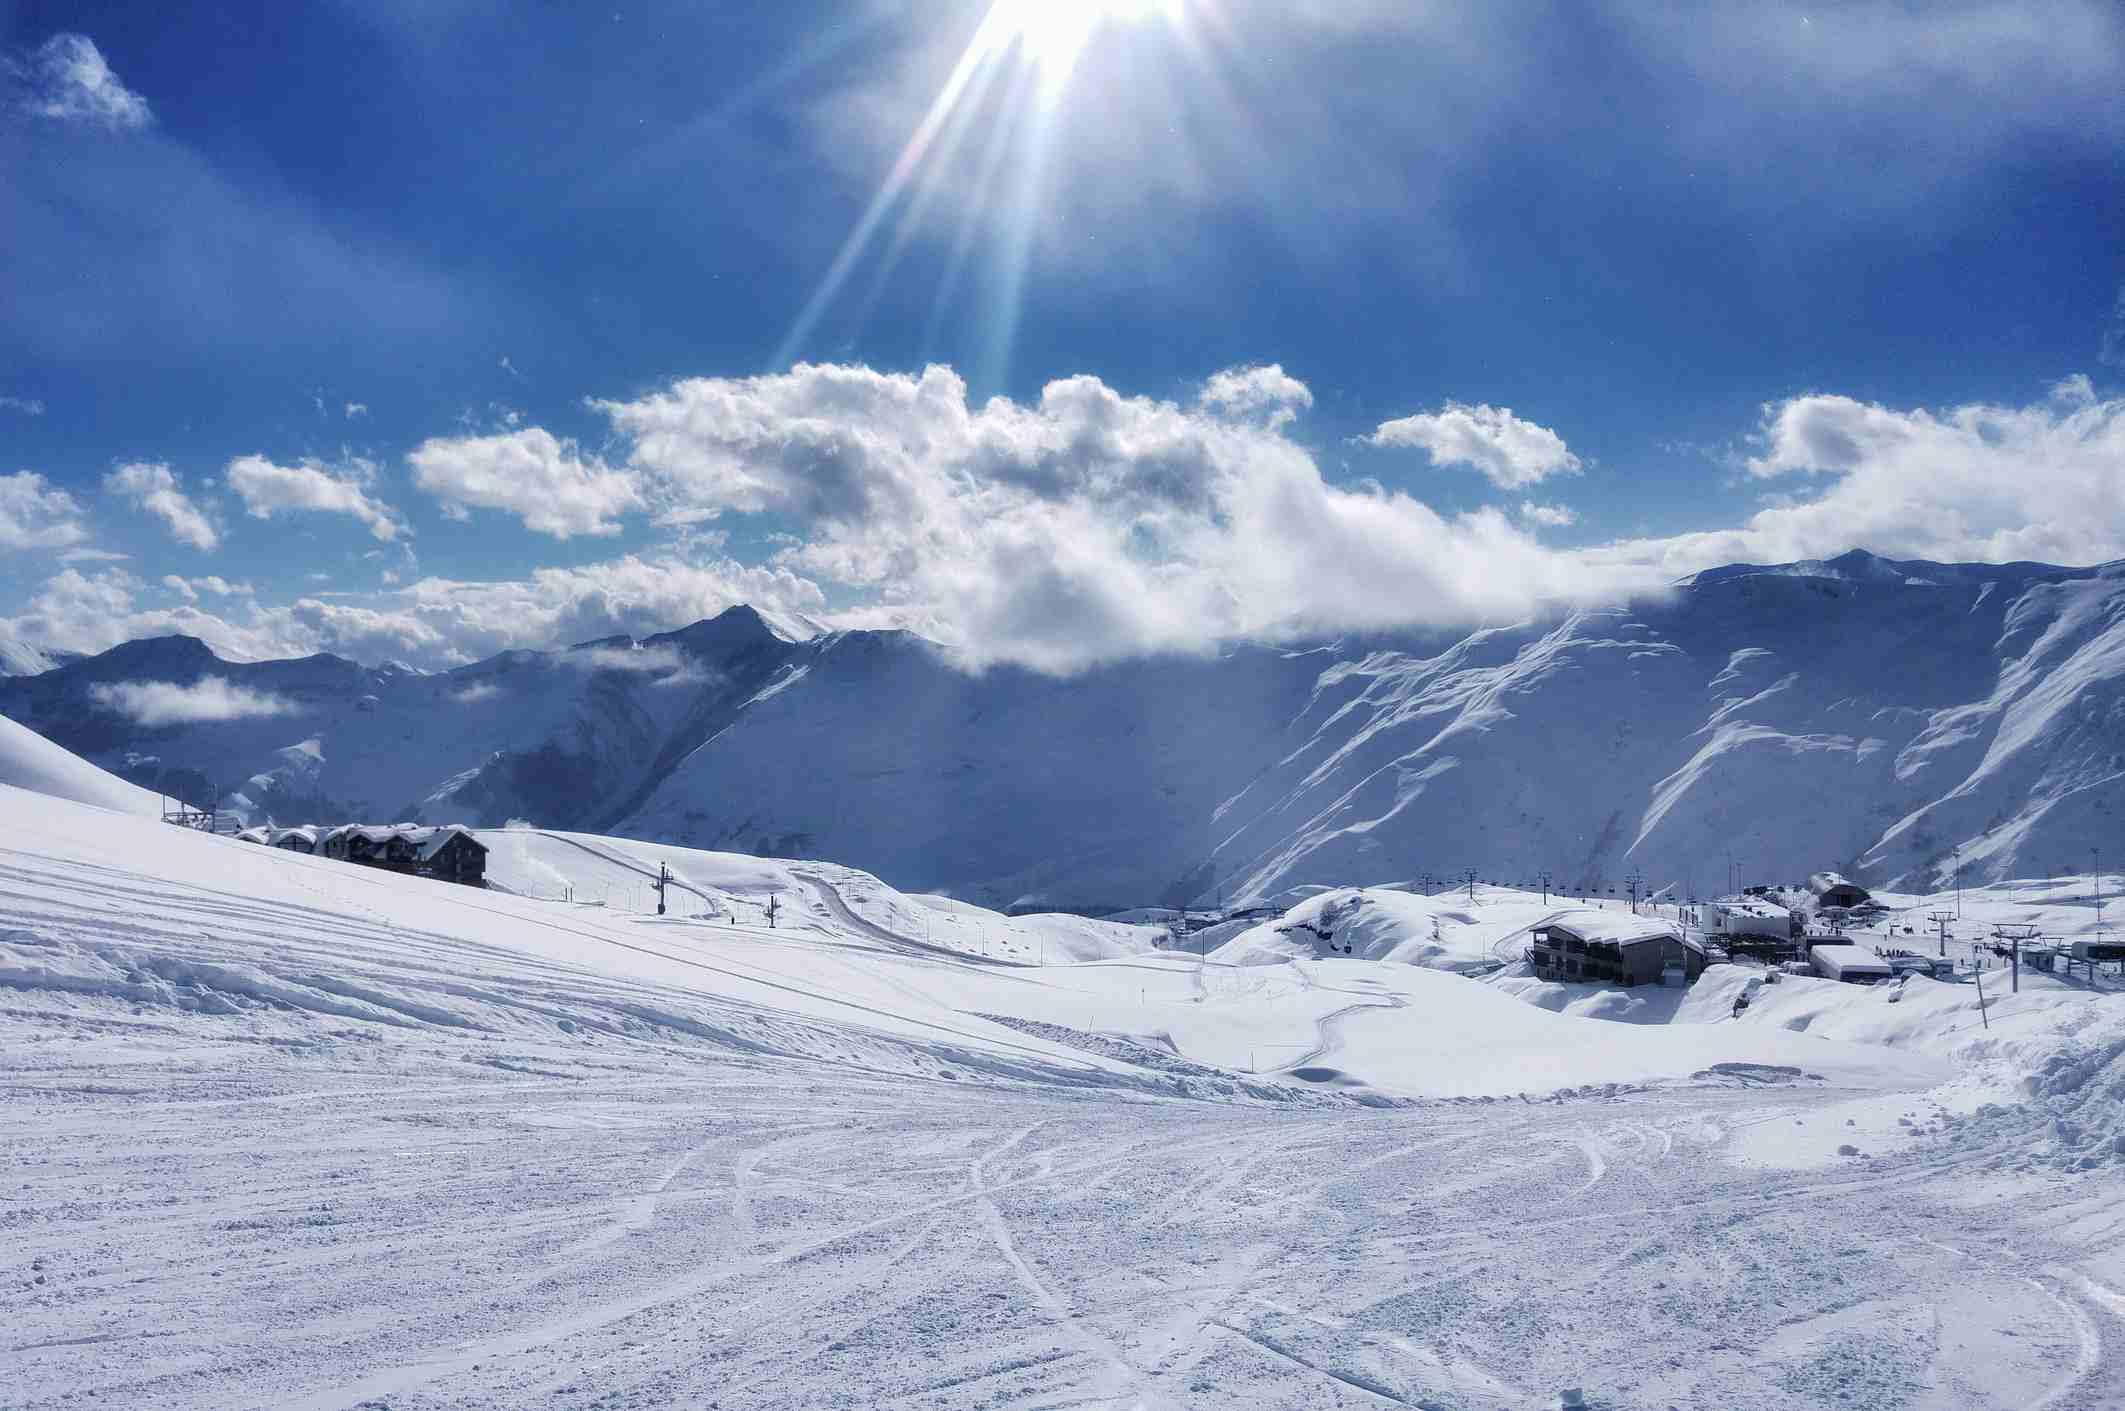 Pasanauri mountain ski slope